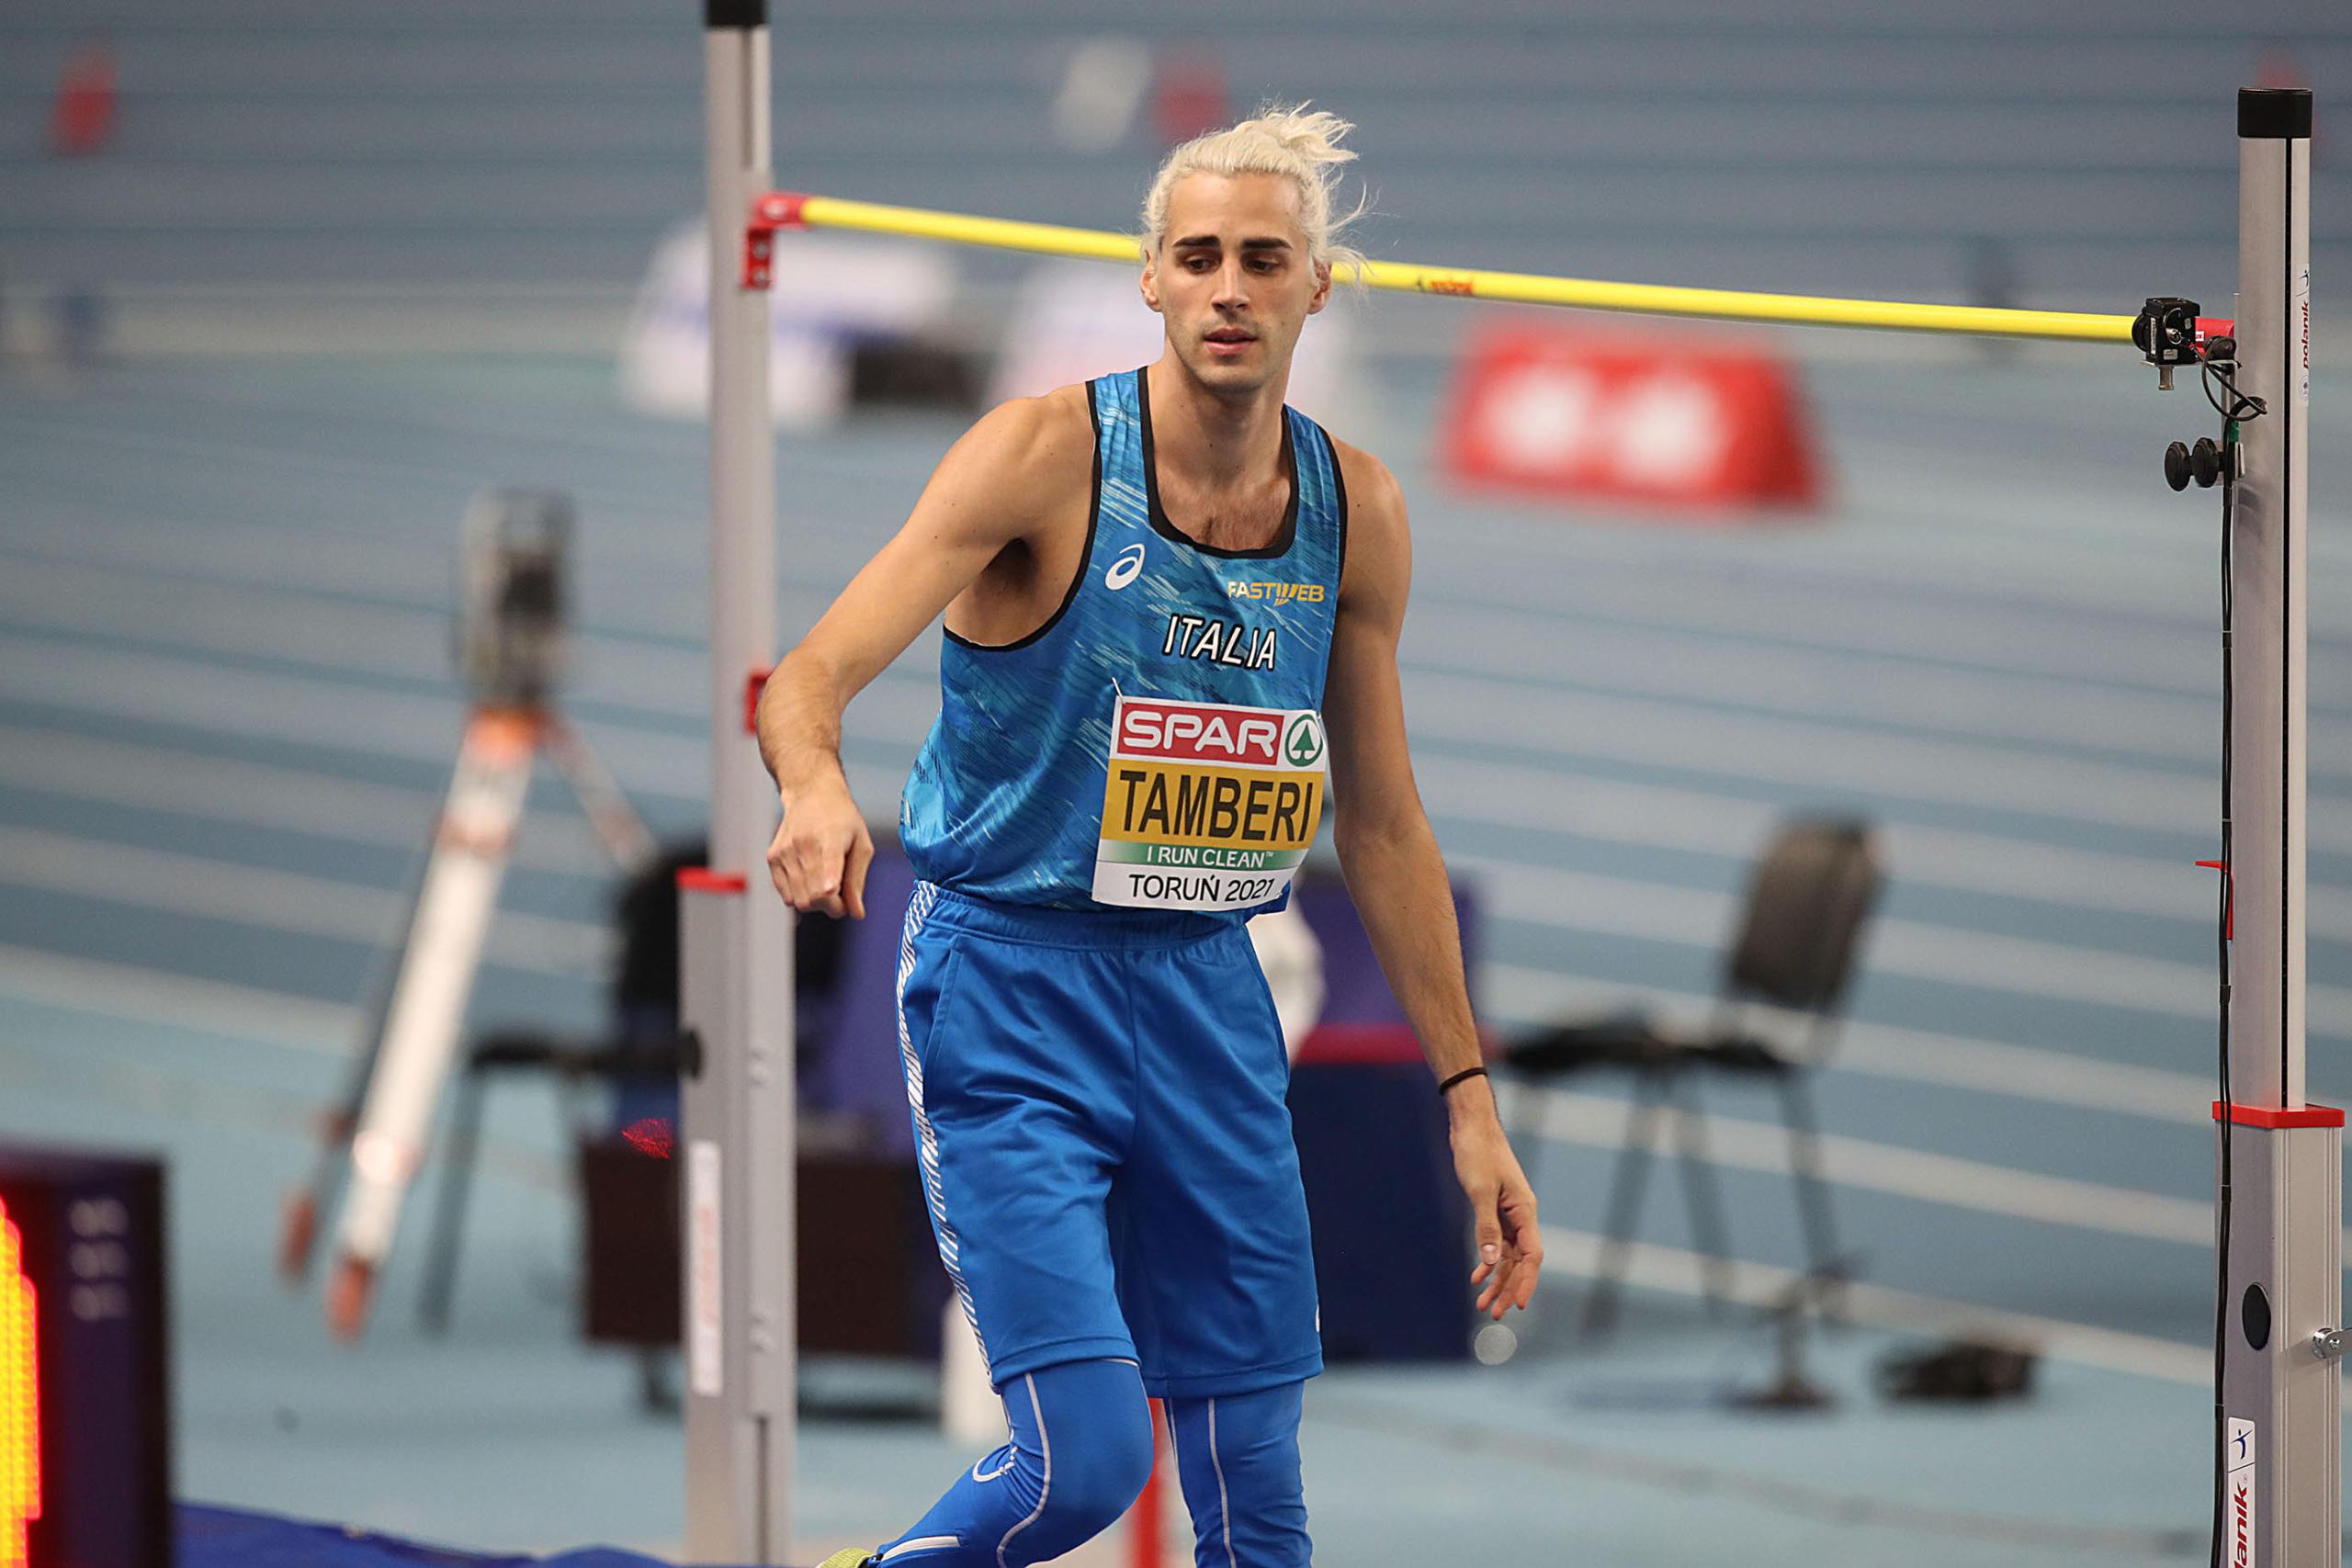 Atletica, Gianmarco Tamberi vola a 2.35 ma non basta per la vittoria. Argento agli Europei Indoor, vince Nedasekau